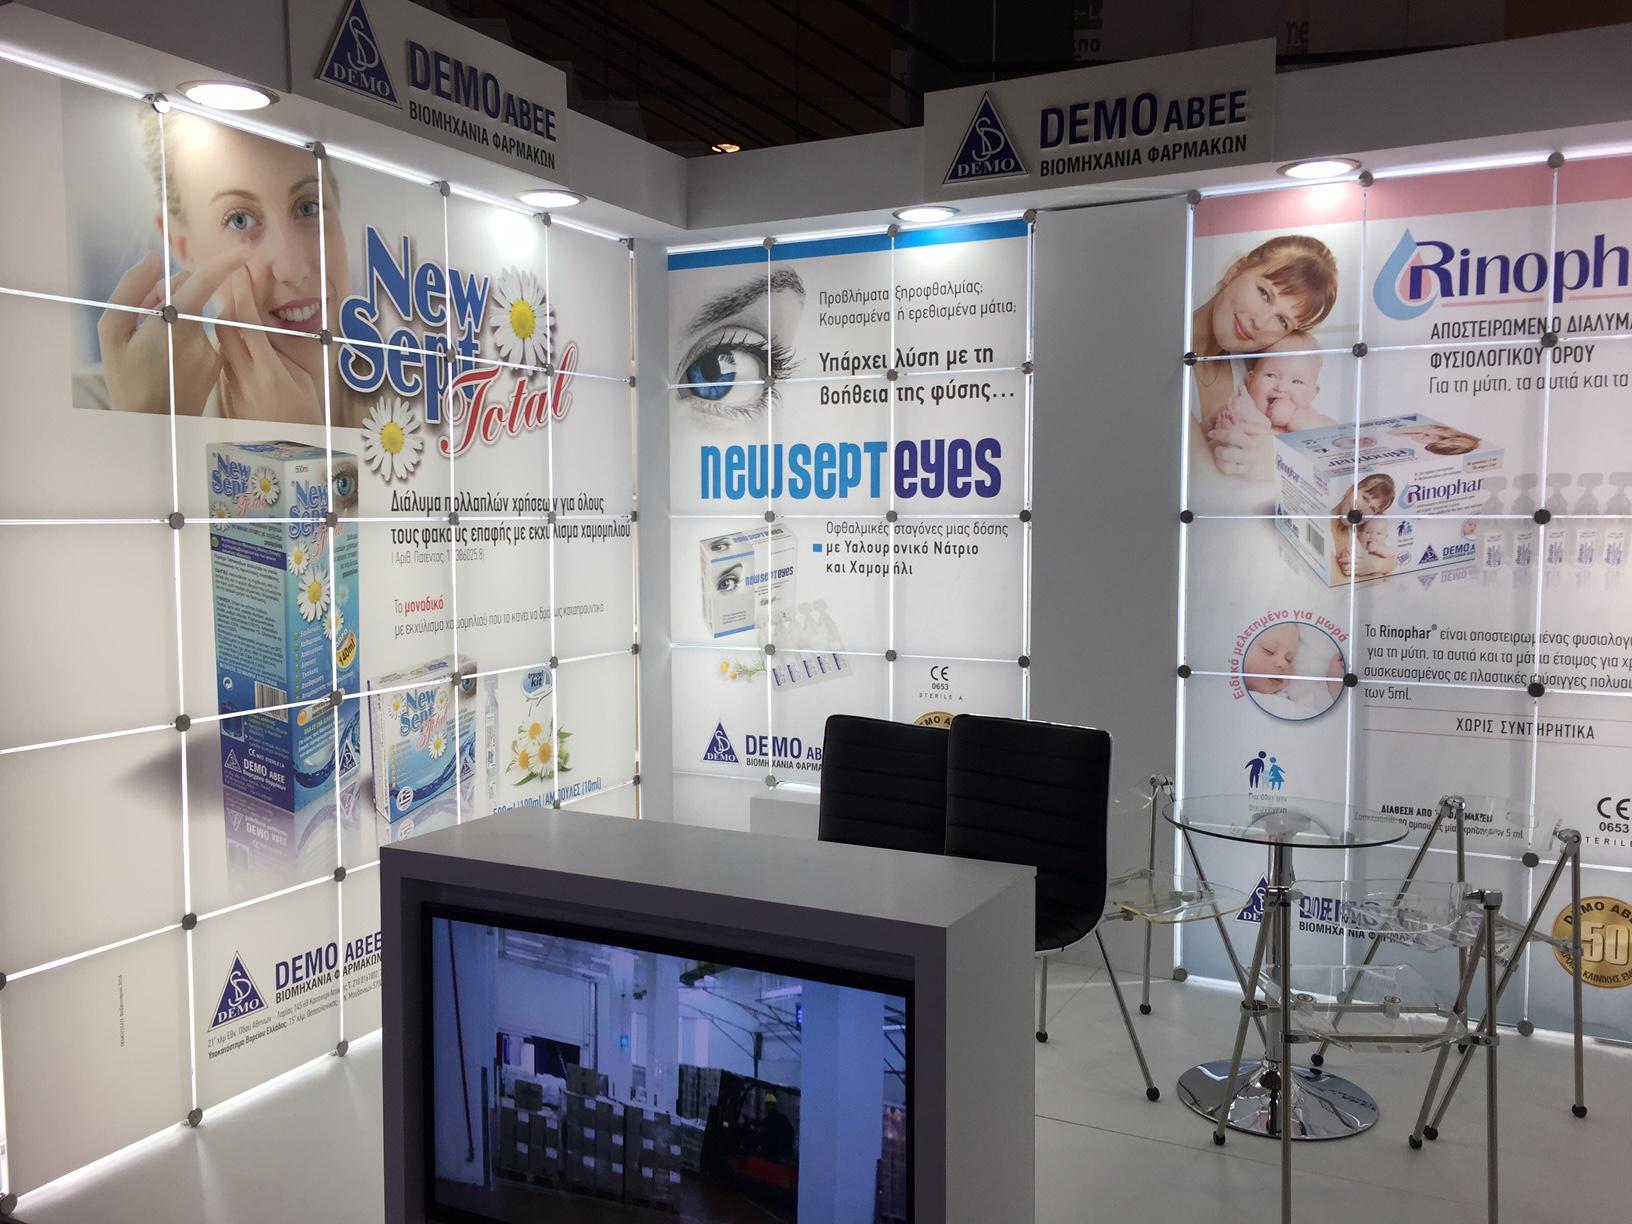 Η Βιομηχανία Φαρμάκων DEMO ABEE κοντά στον Έλληνα Γιατρό και Φαρμακοποιό